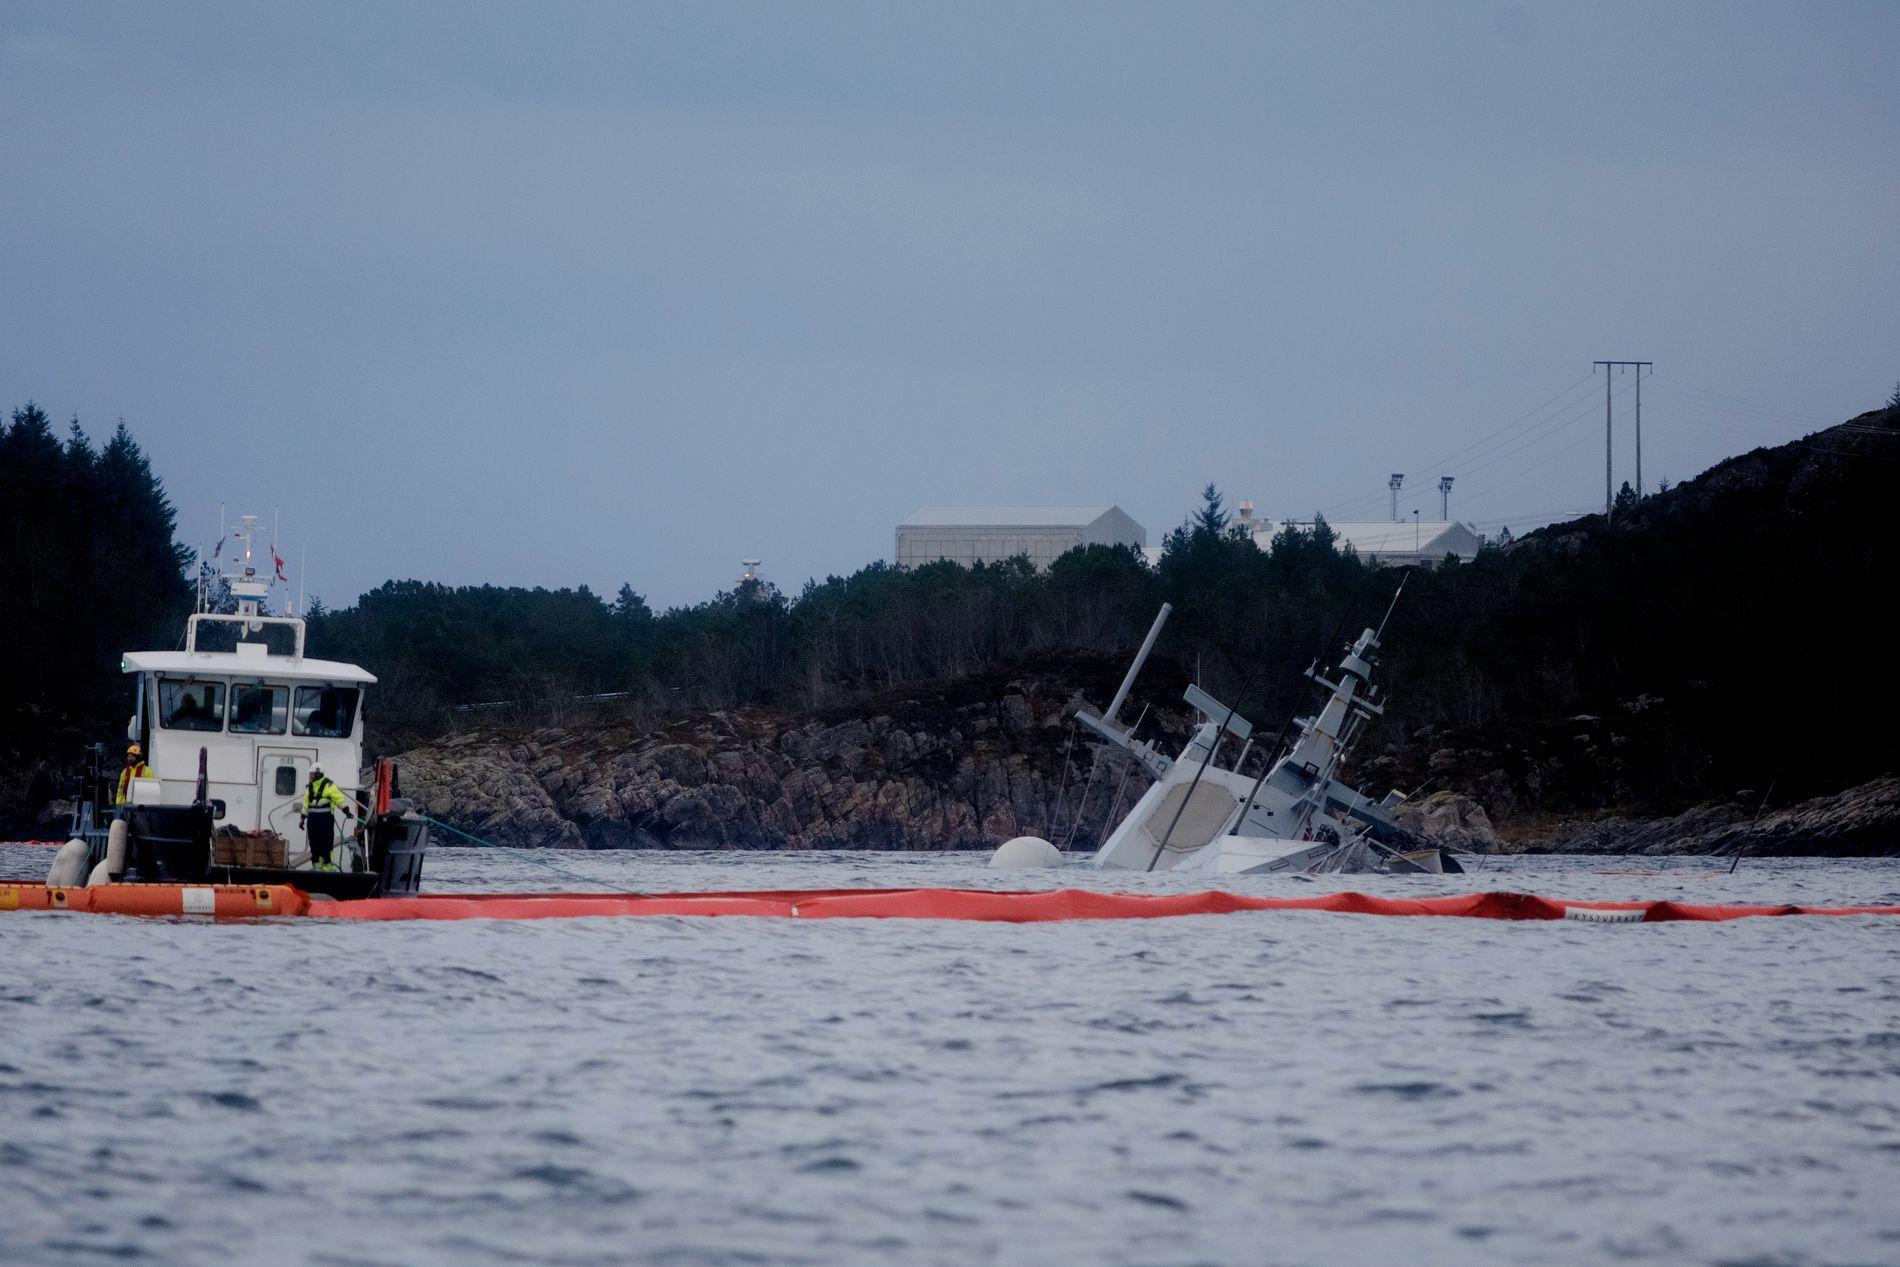 SANK DYPERE: Mandag kveld røk festene foran på KNM Helge Ingstad, og skipet forre del sank om lag en meter dypere. Det vurderes tirsdag som å ligge stabilt.